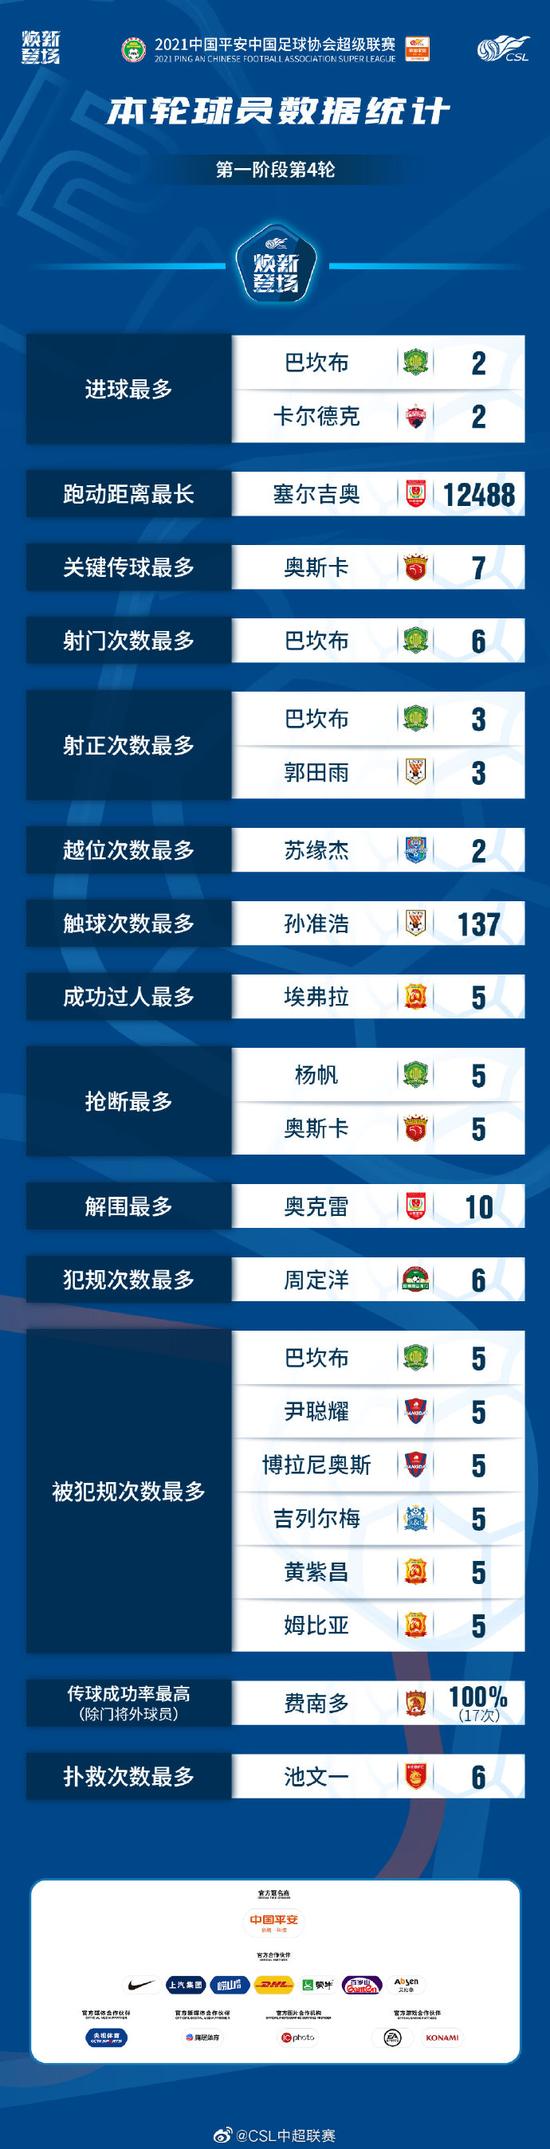 中超第四轮球员数据:巴坎布上榜多达四次